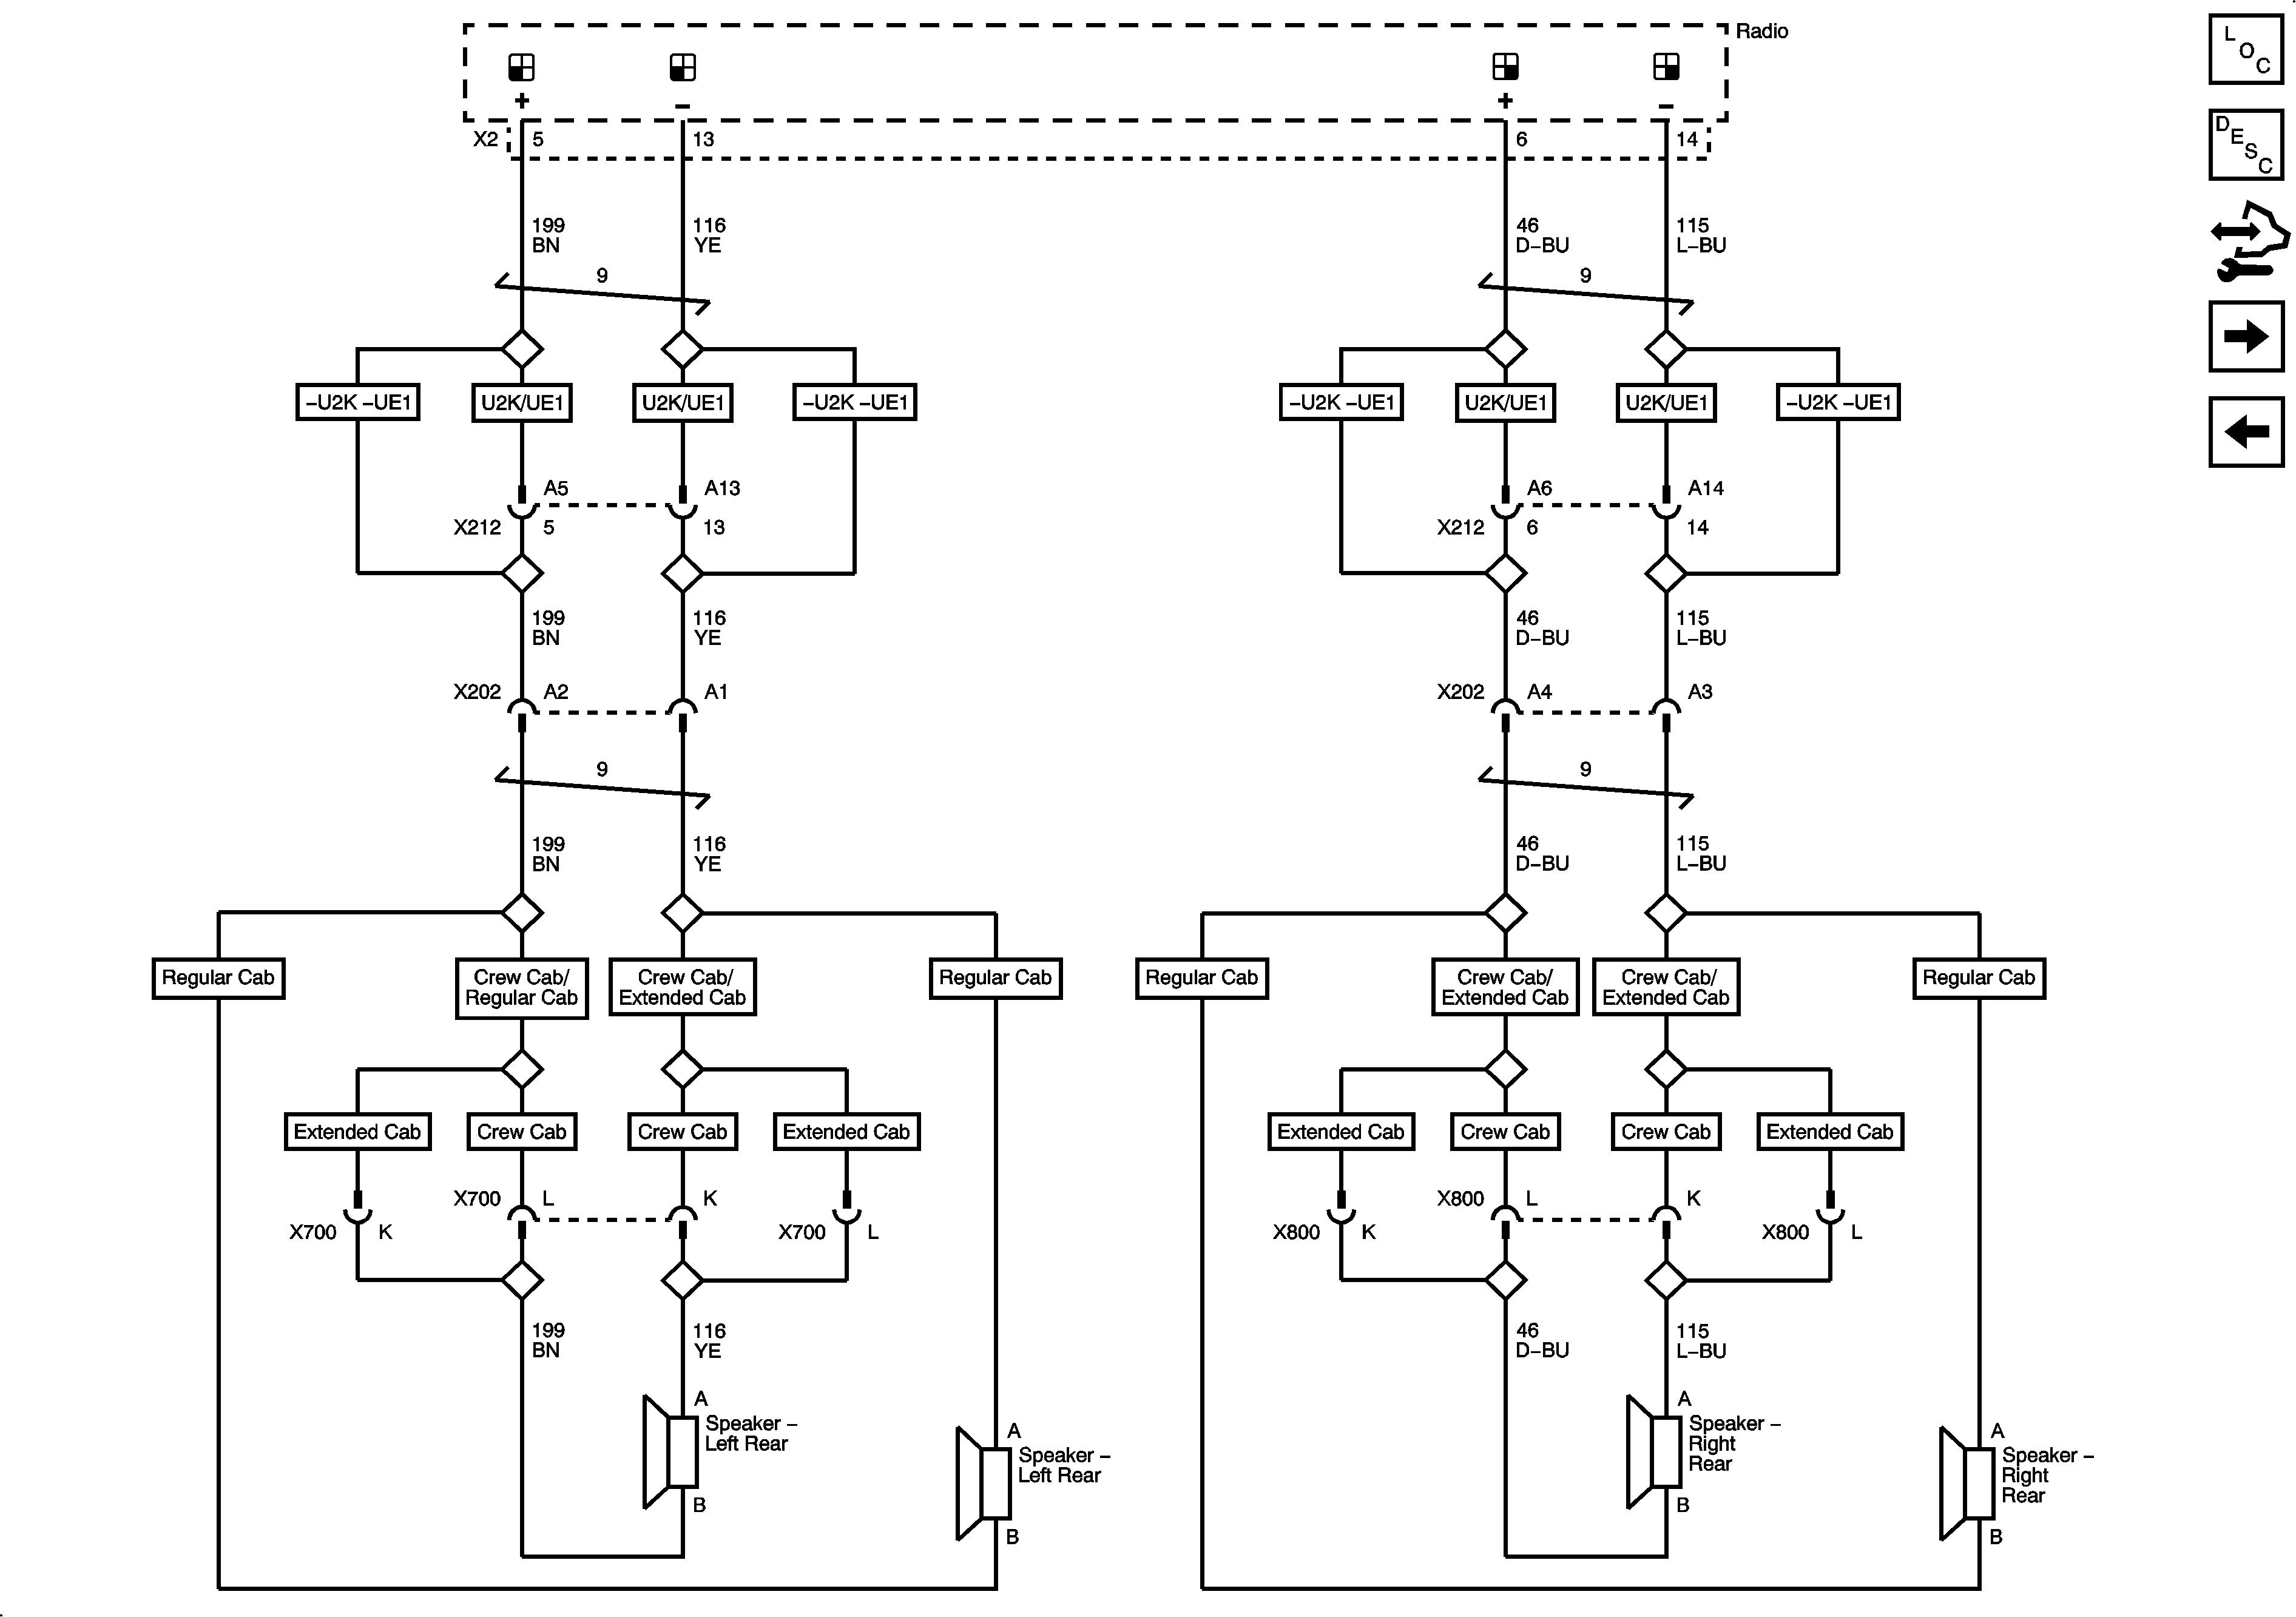 2008 Silverado Trailer Connector Wiring Diagram | Wiring Diagram on